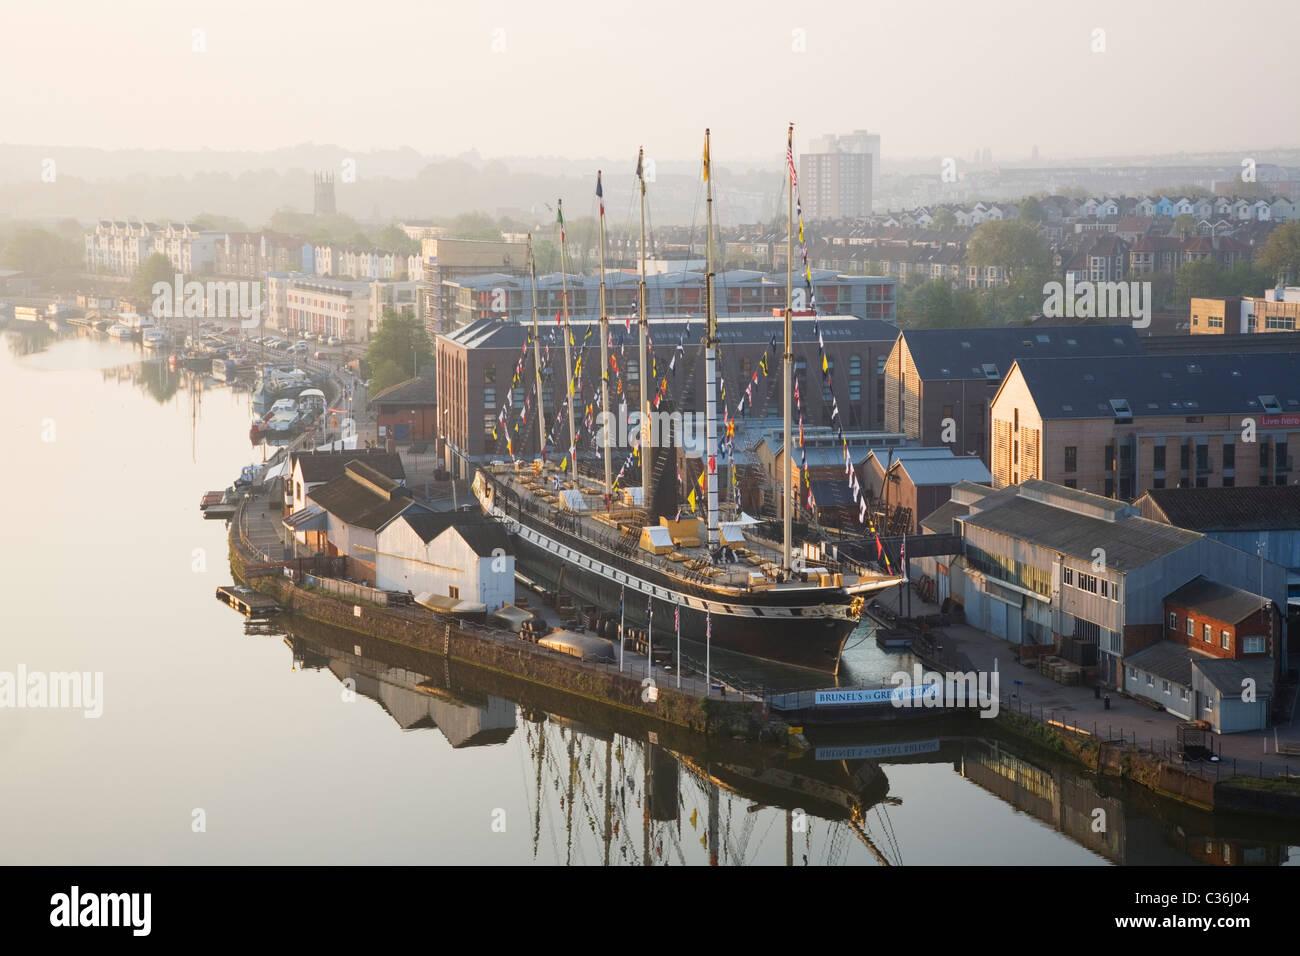 Bristol Floating Harbour e la SS Gran Bretagna. Bristol. In Inghilterra. Regno Unito. Foto Stock